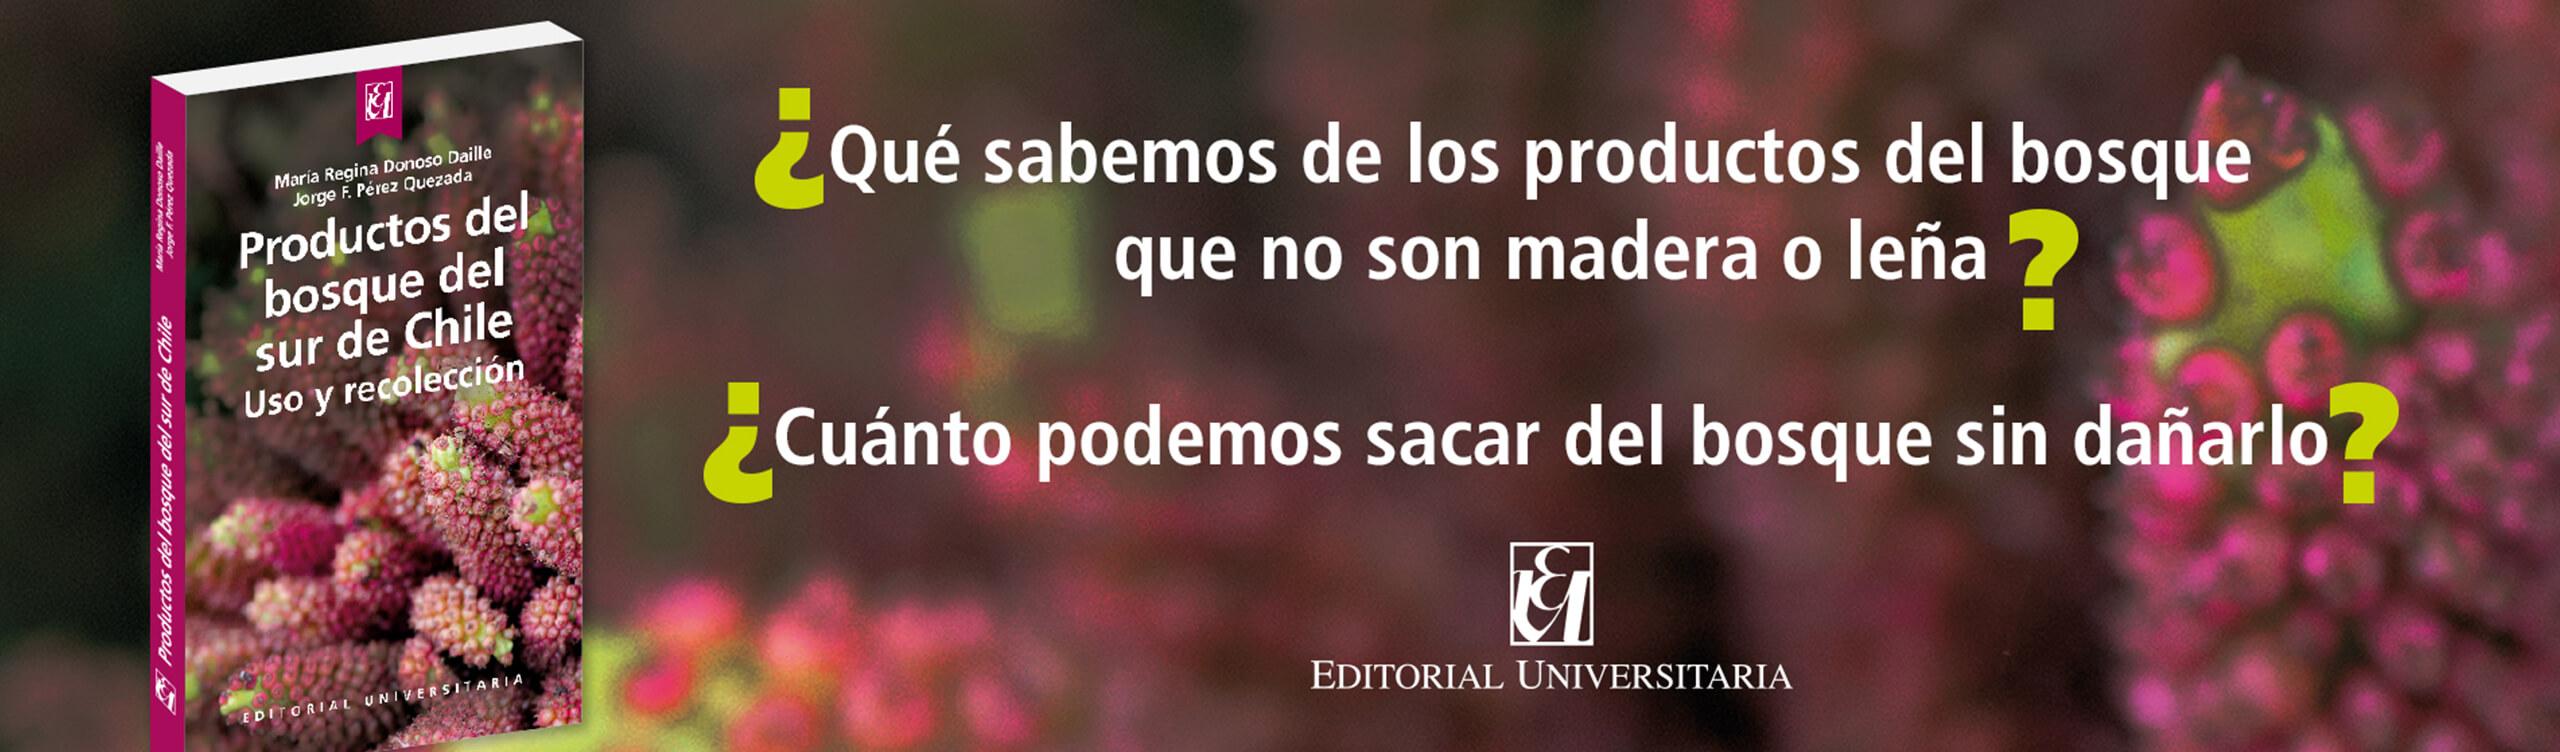 productos del bosque del sur de chile Editorial Universitaria